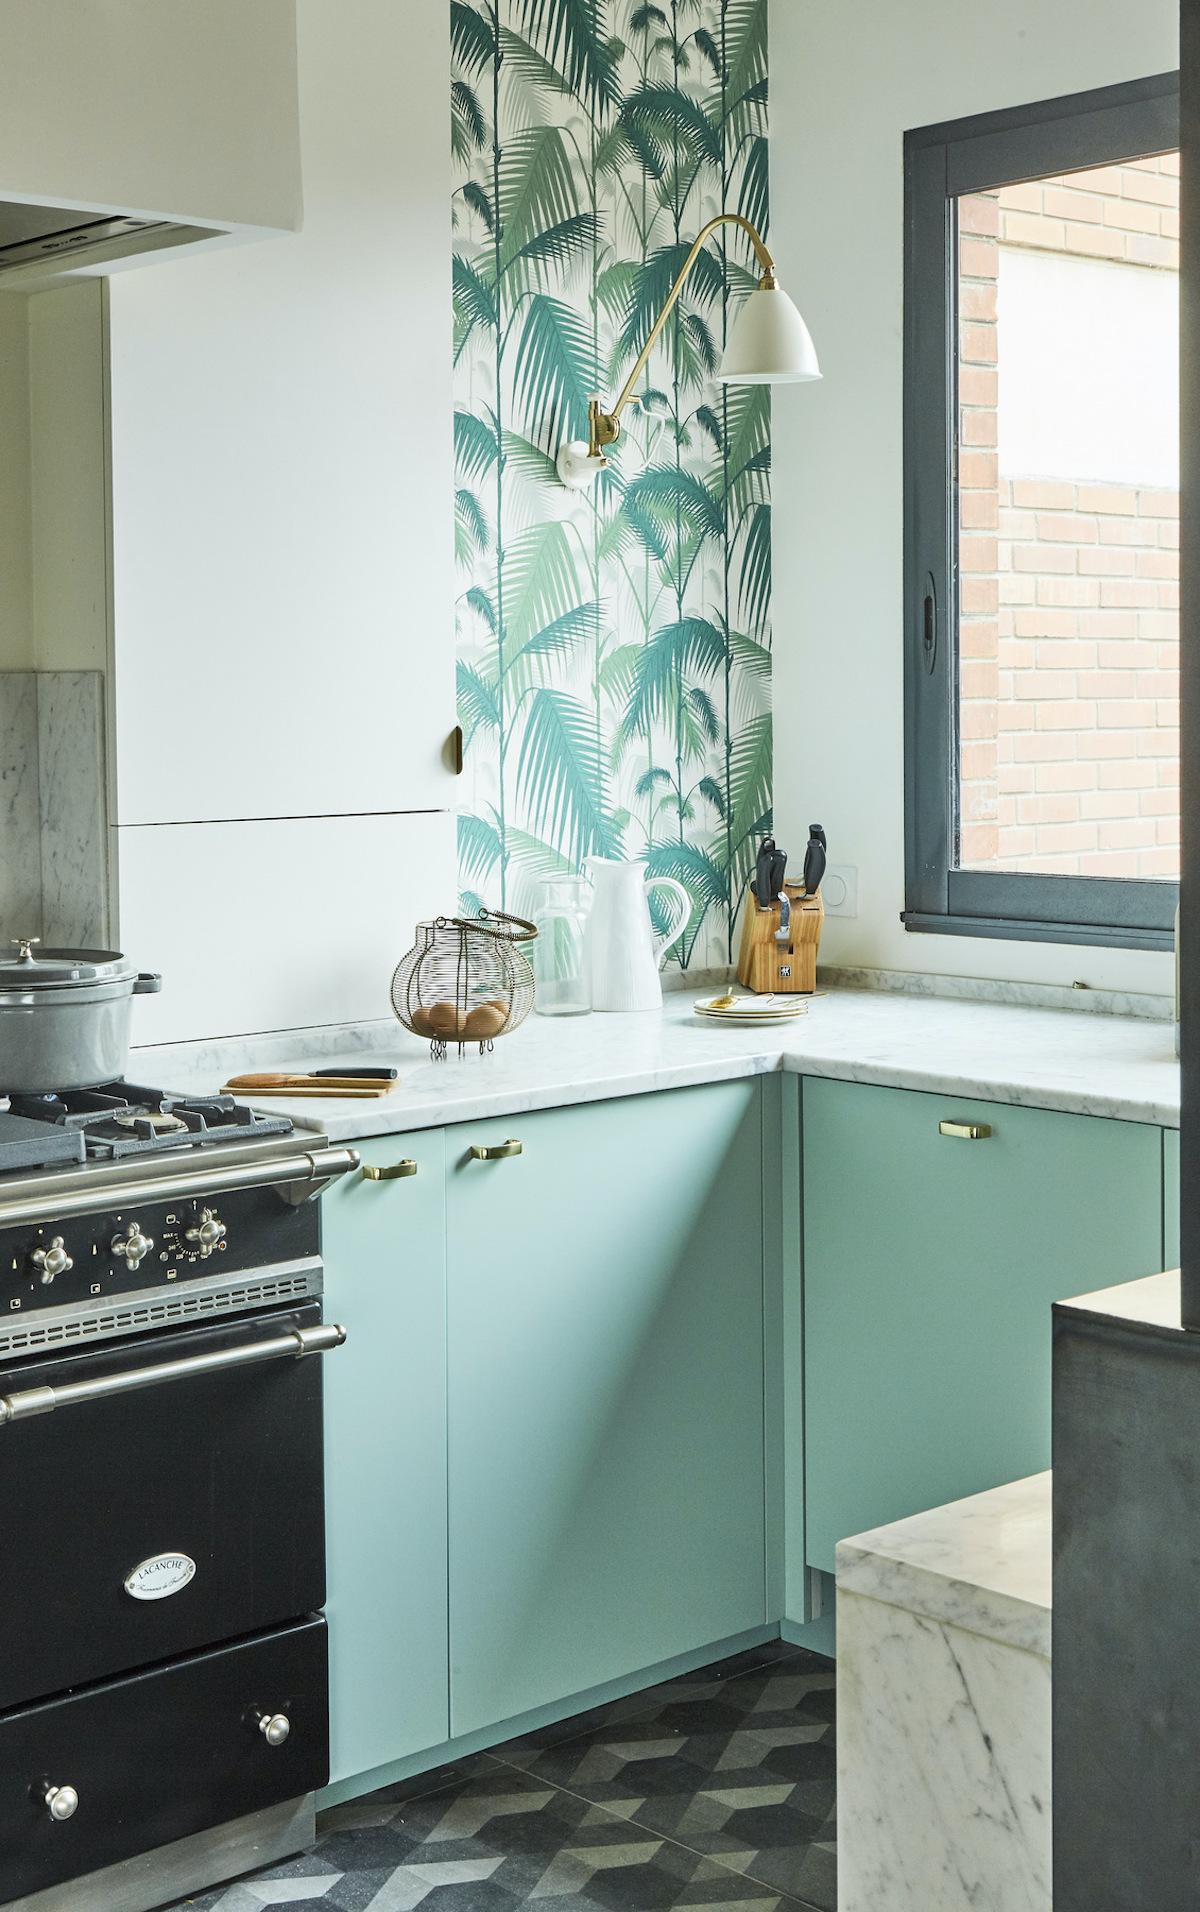 cuisine vert menthe pastel four noir rétro - blog déco - clem around the corner